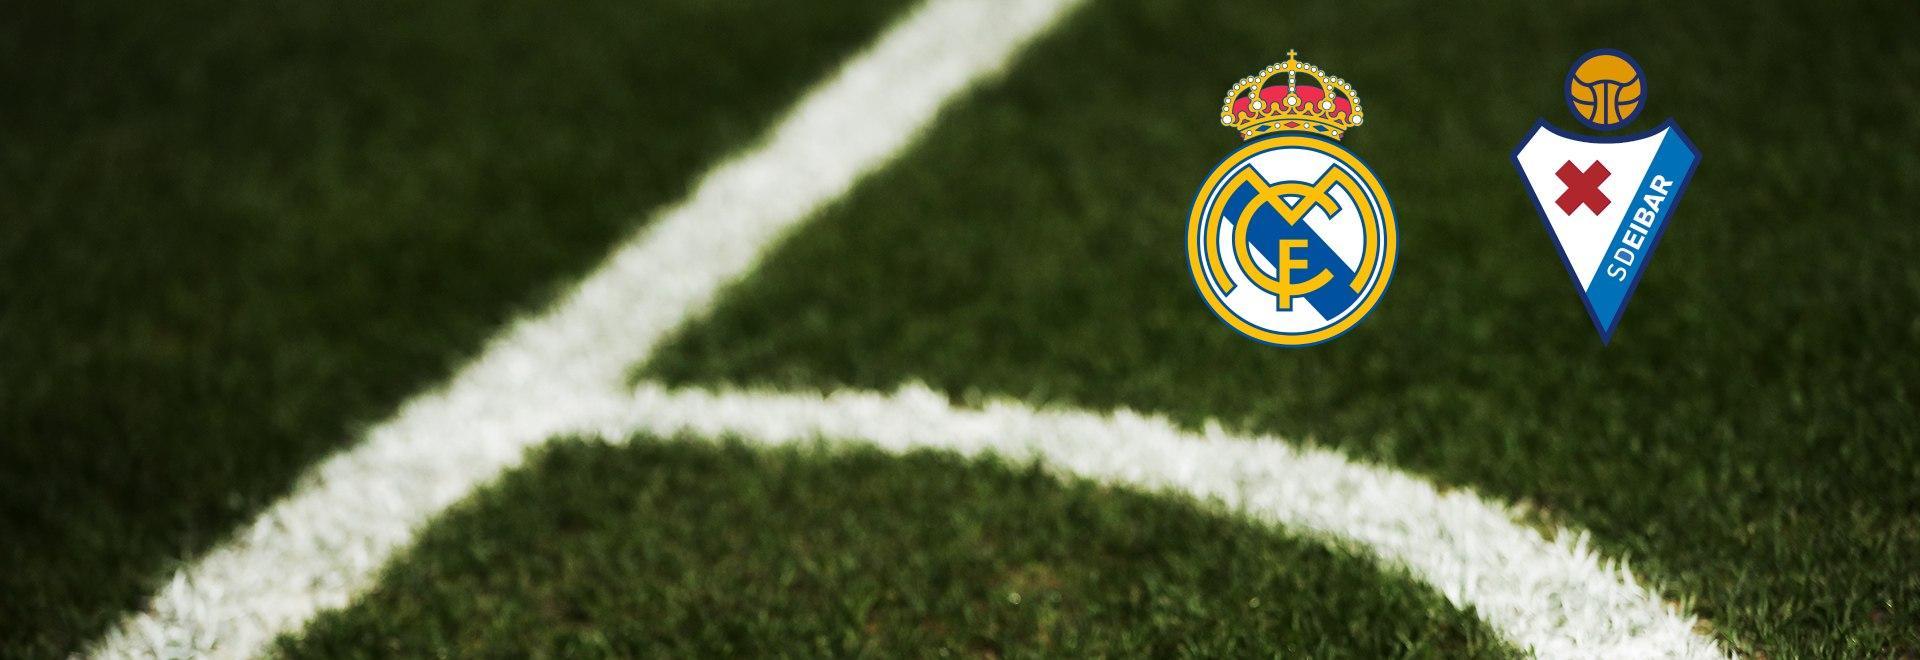 Real Madrid - Eibar. 28a g.